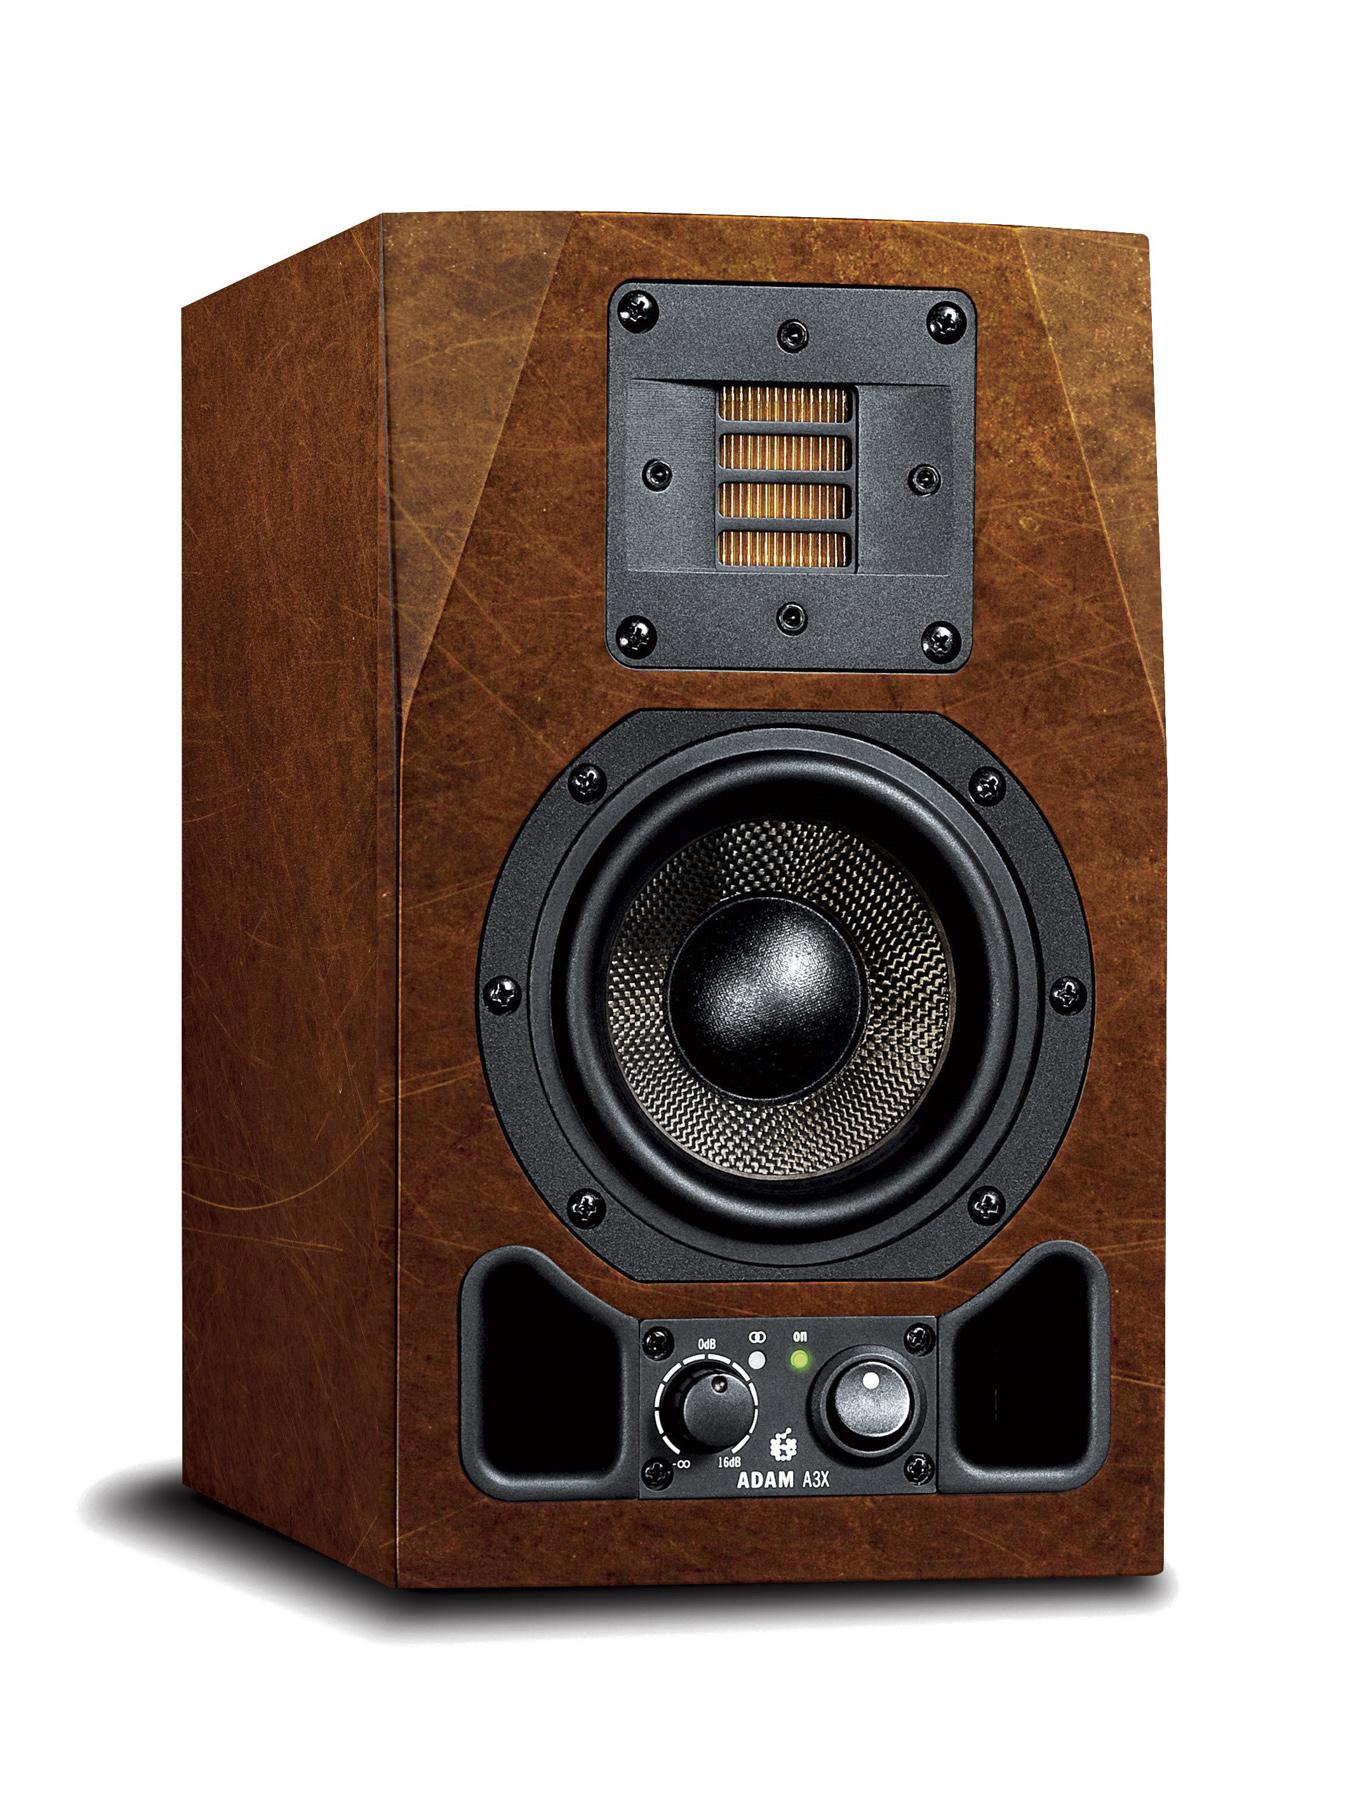 News: Folienaufkleber für die Monitore der AX-Serie von Adam Audio vorgestellt